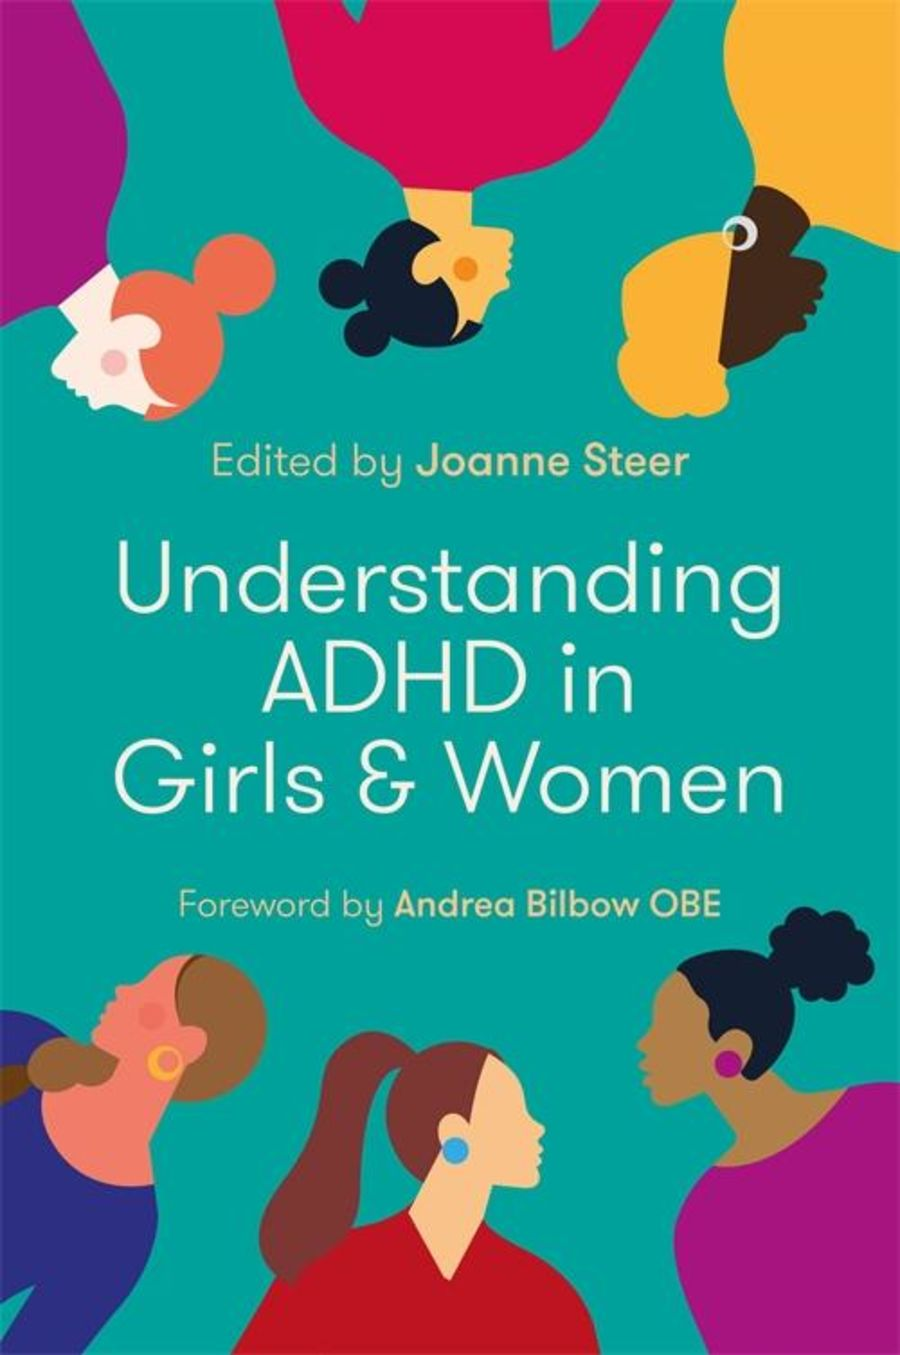 Understanding ADHD in Girls & Women